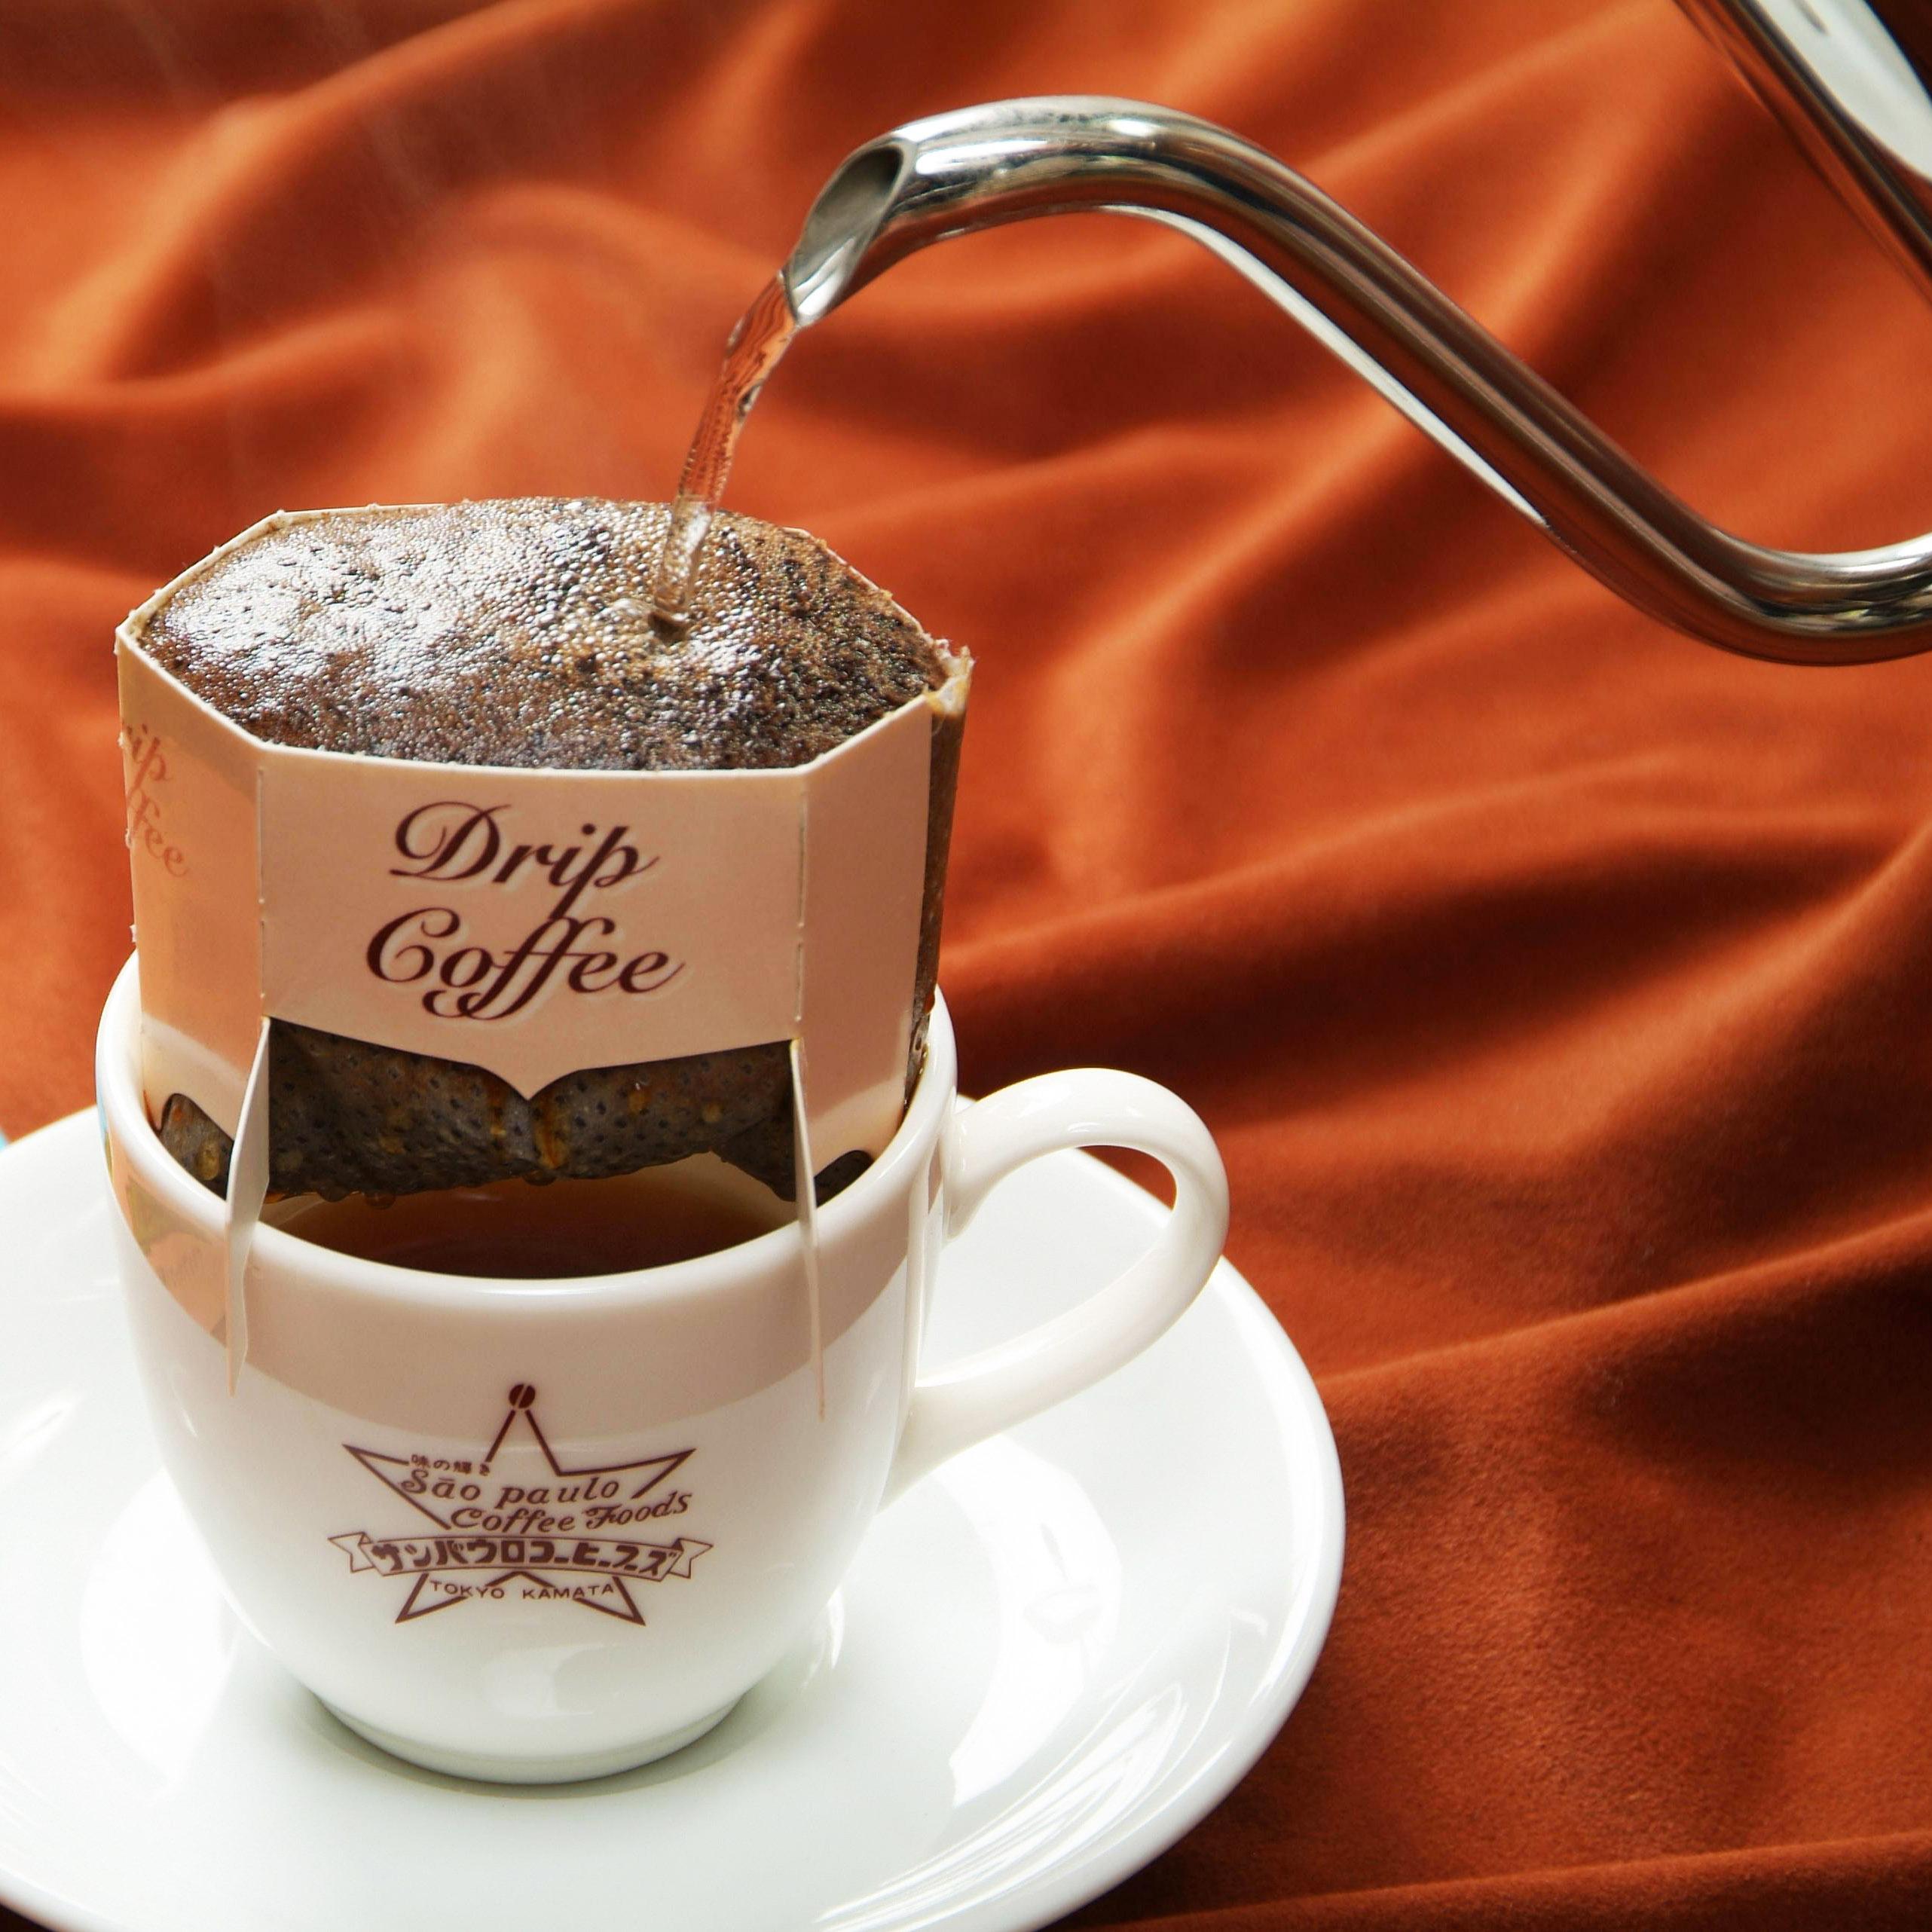 ドリップパックコーヒー カフェインレス デカフェキャット